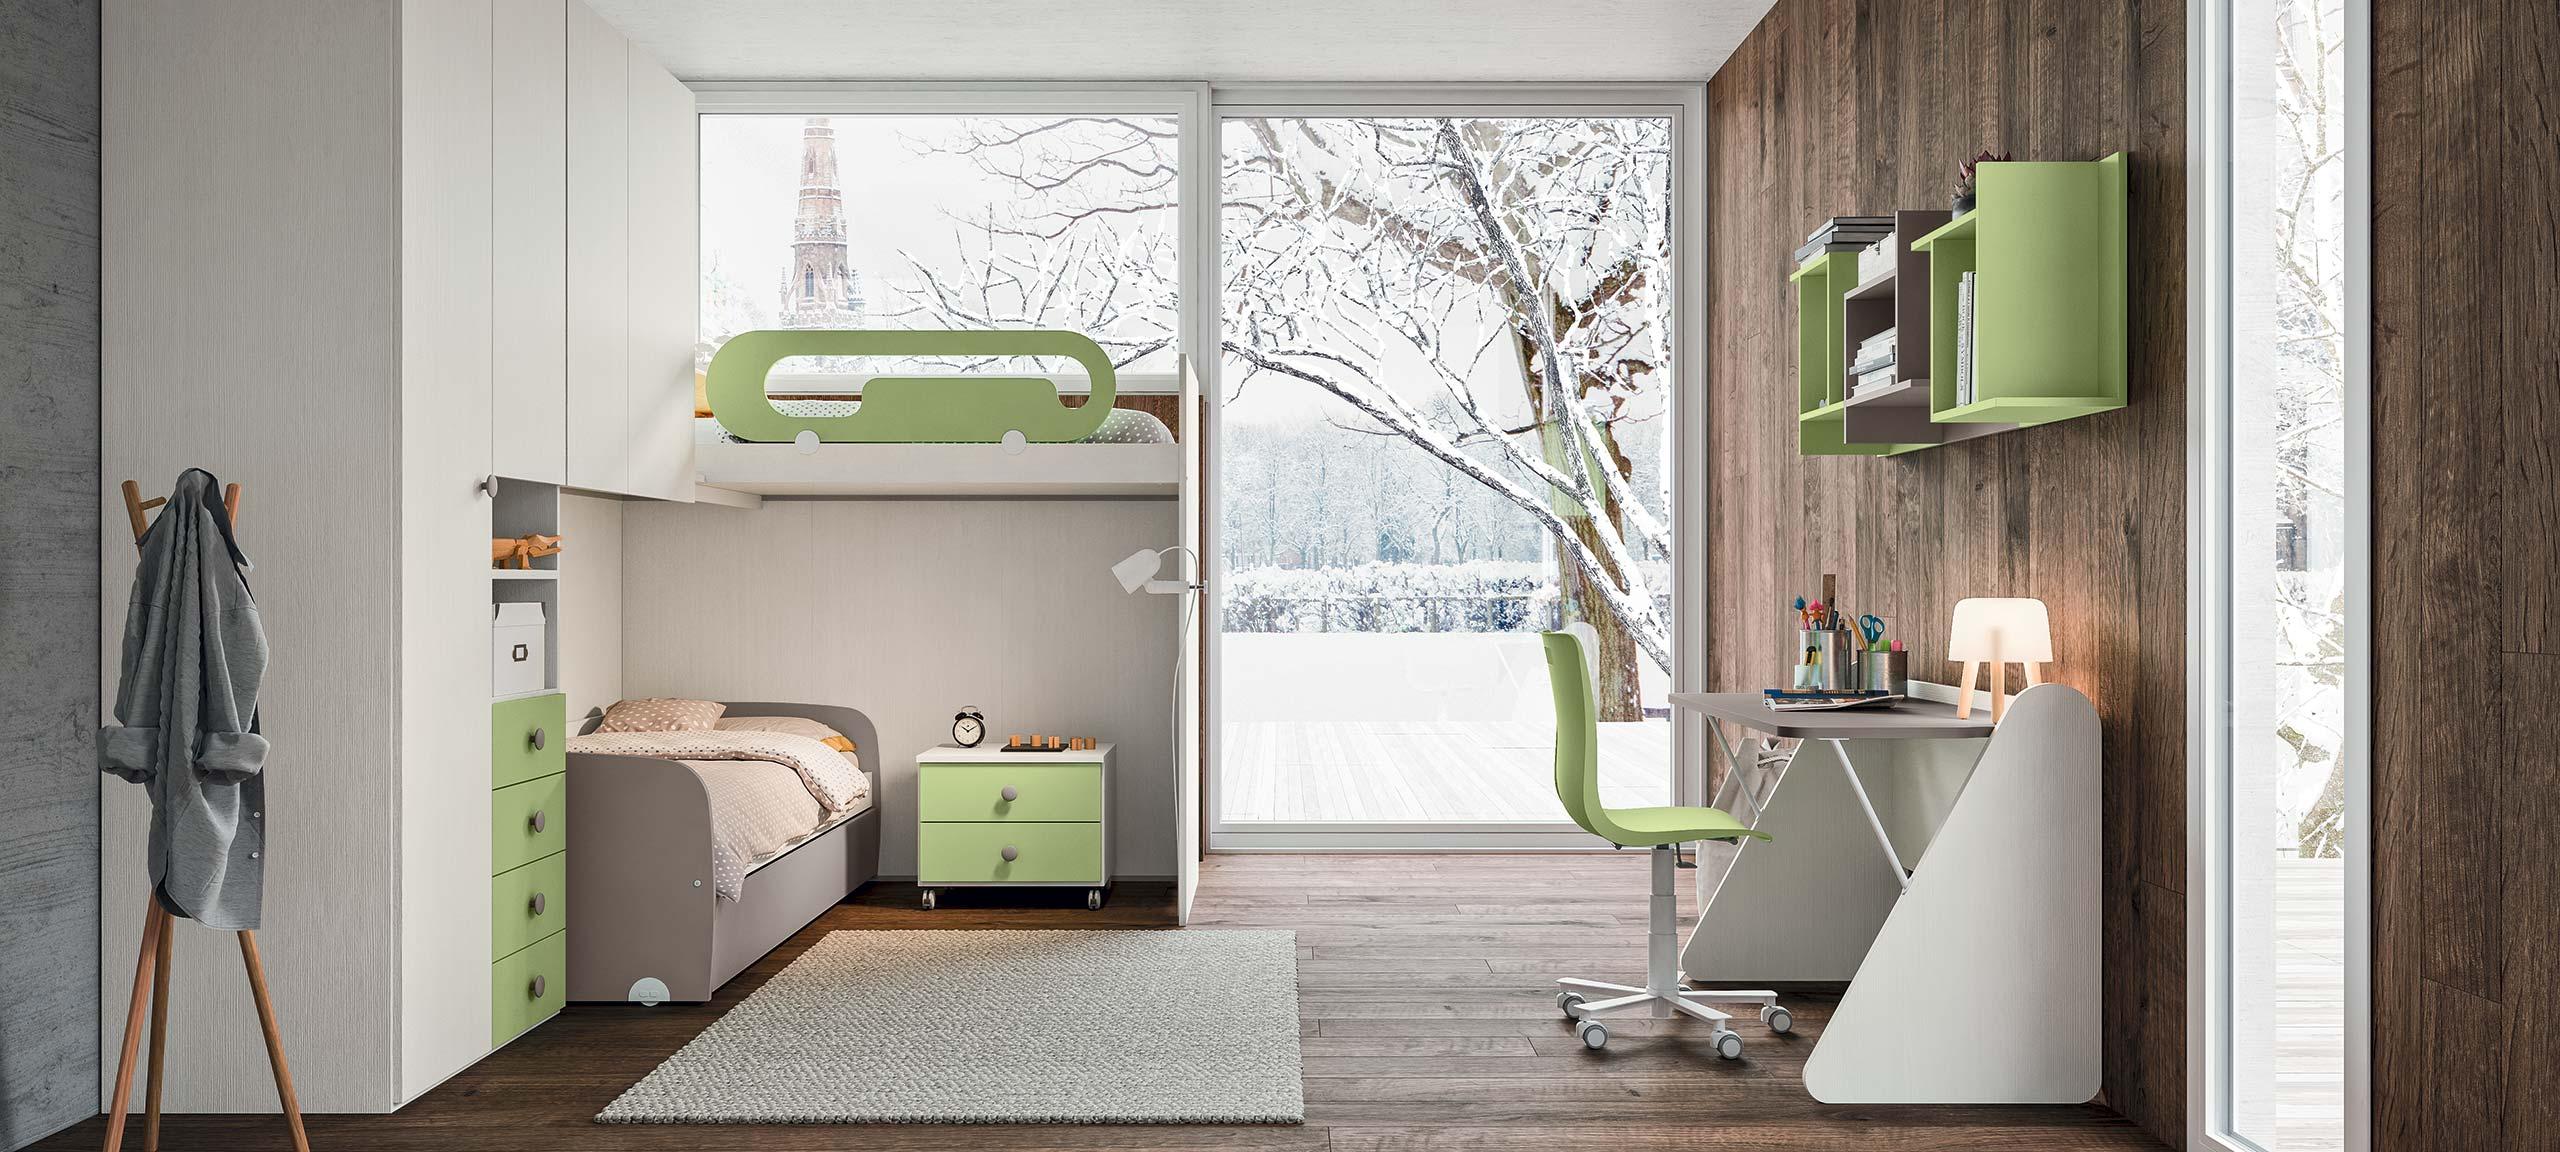 Soluzioni Camerette Con Tre Letti camerette con letti a soppalco | mab home furniture